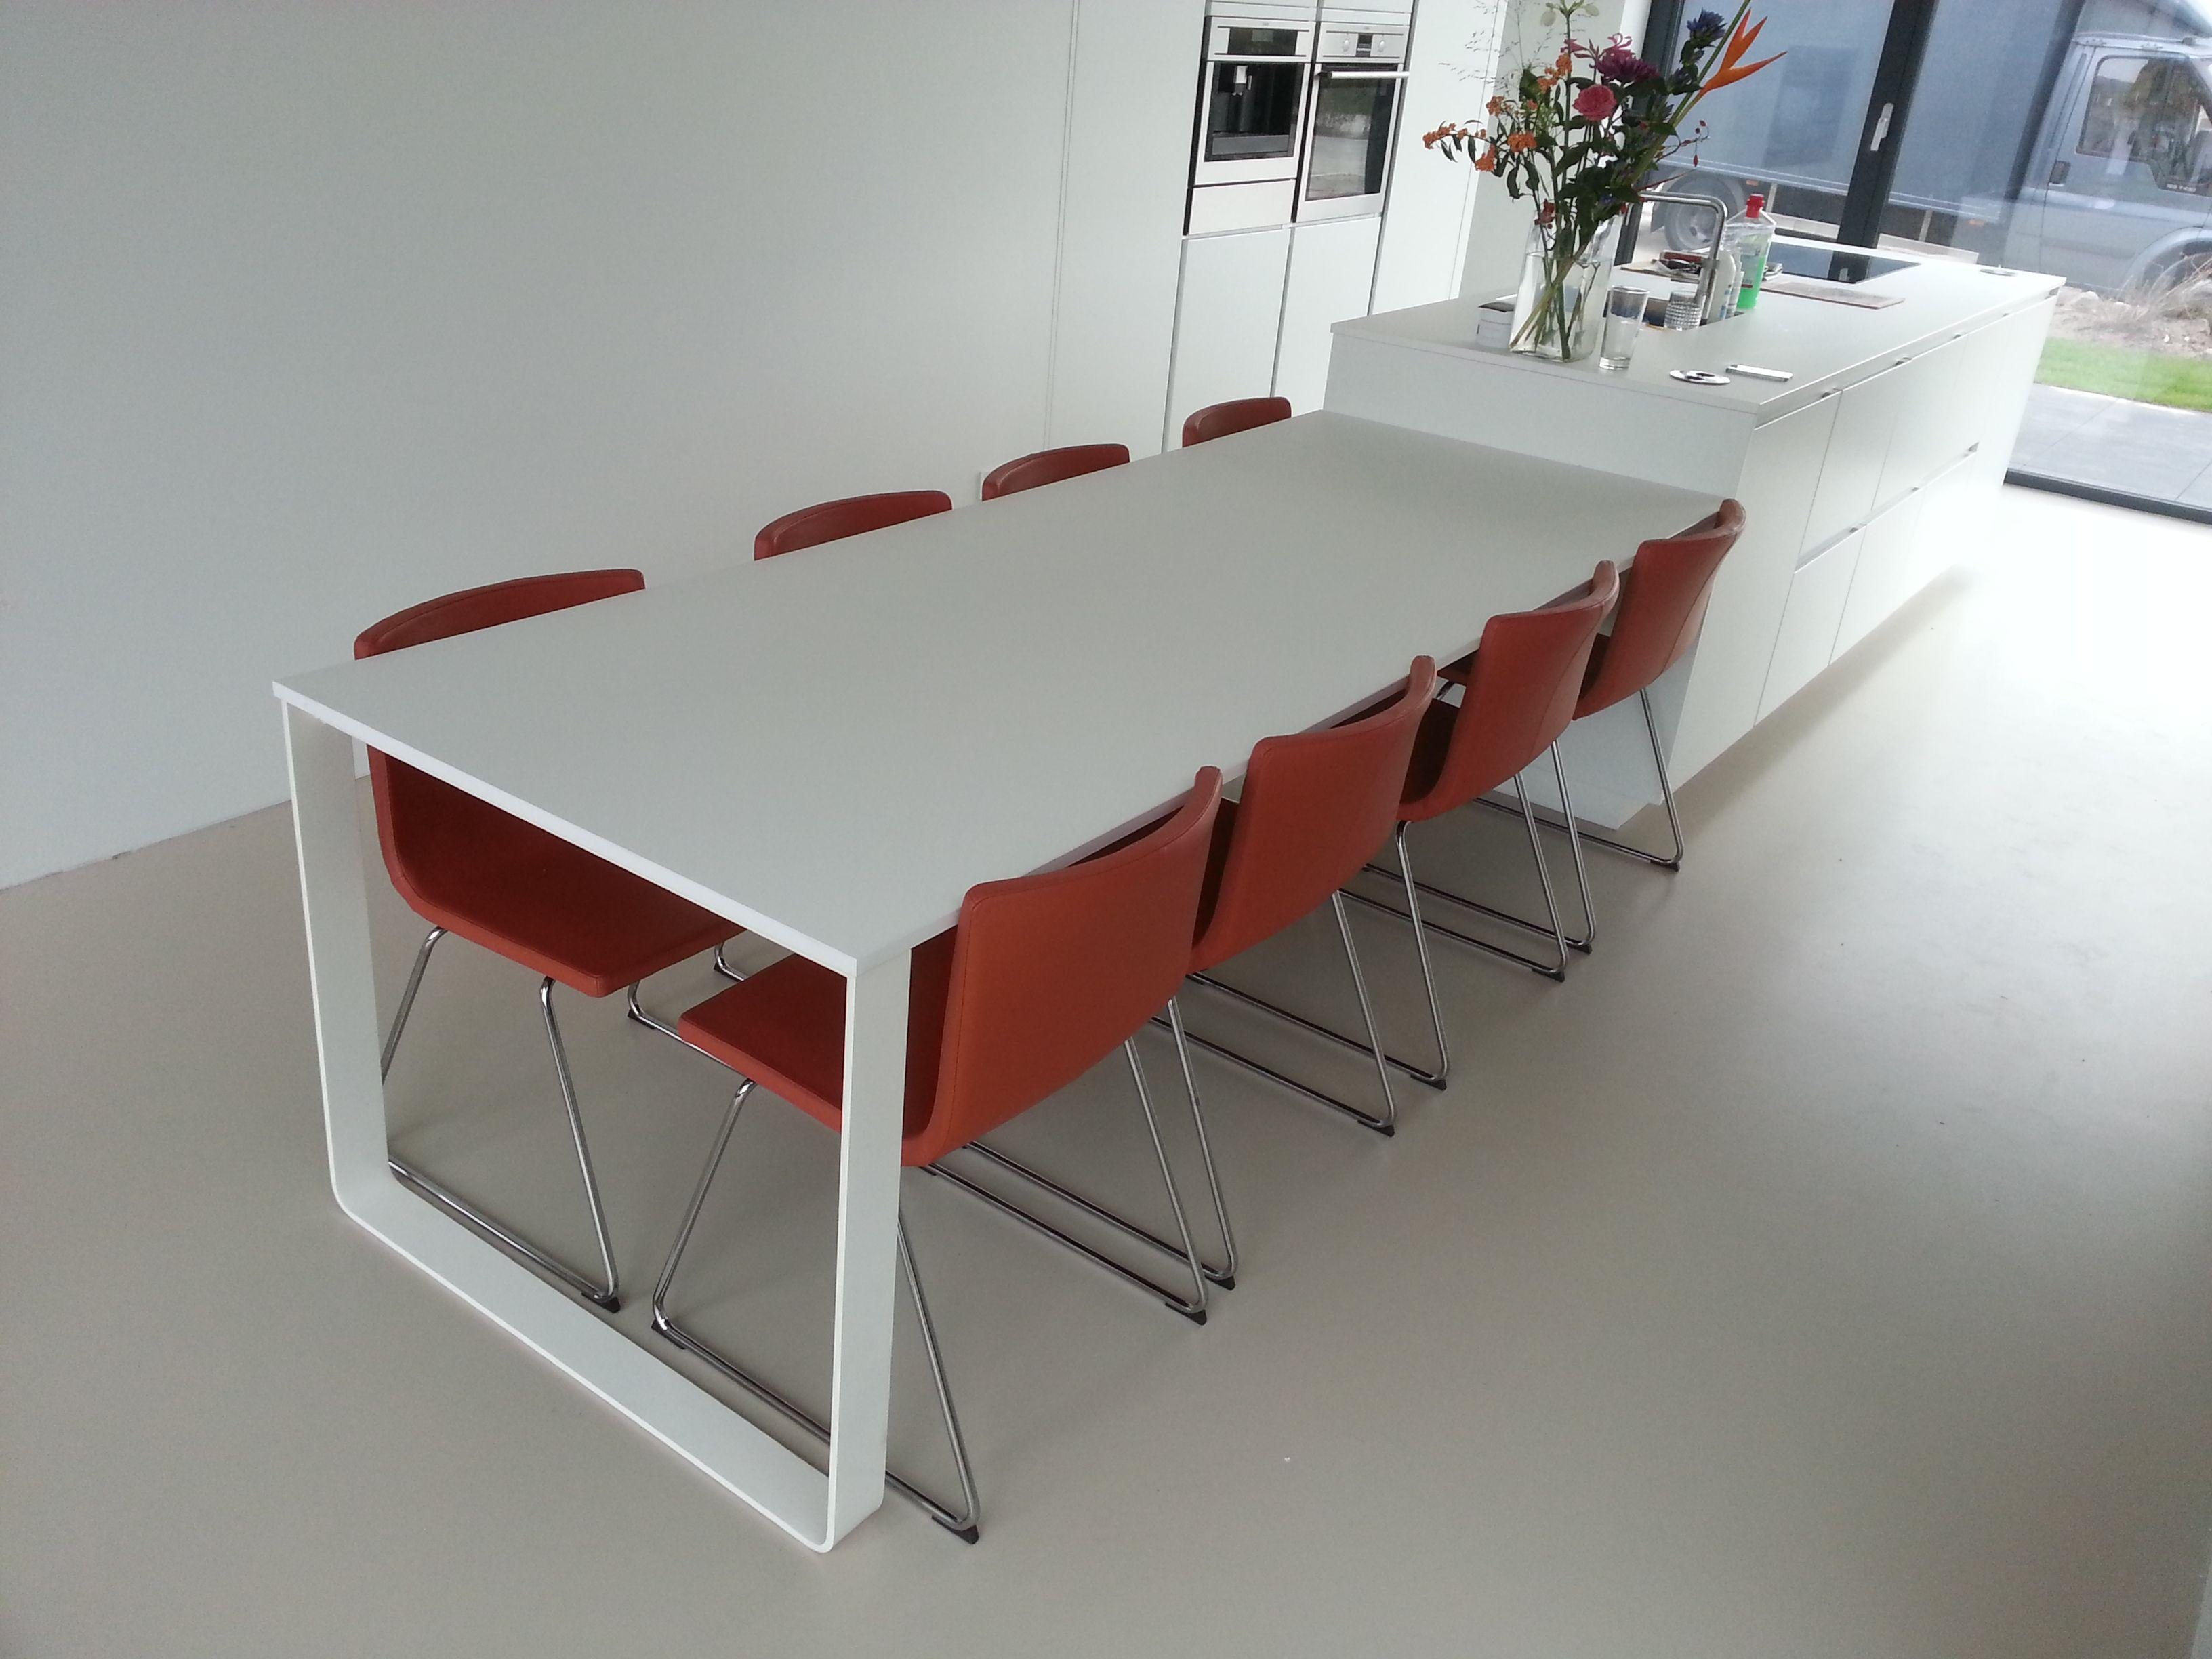 Kookeiland Uitschuifbare Tafel : Witte tafel aan kookeiland met corian tafelblad ideeën woonkamer